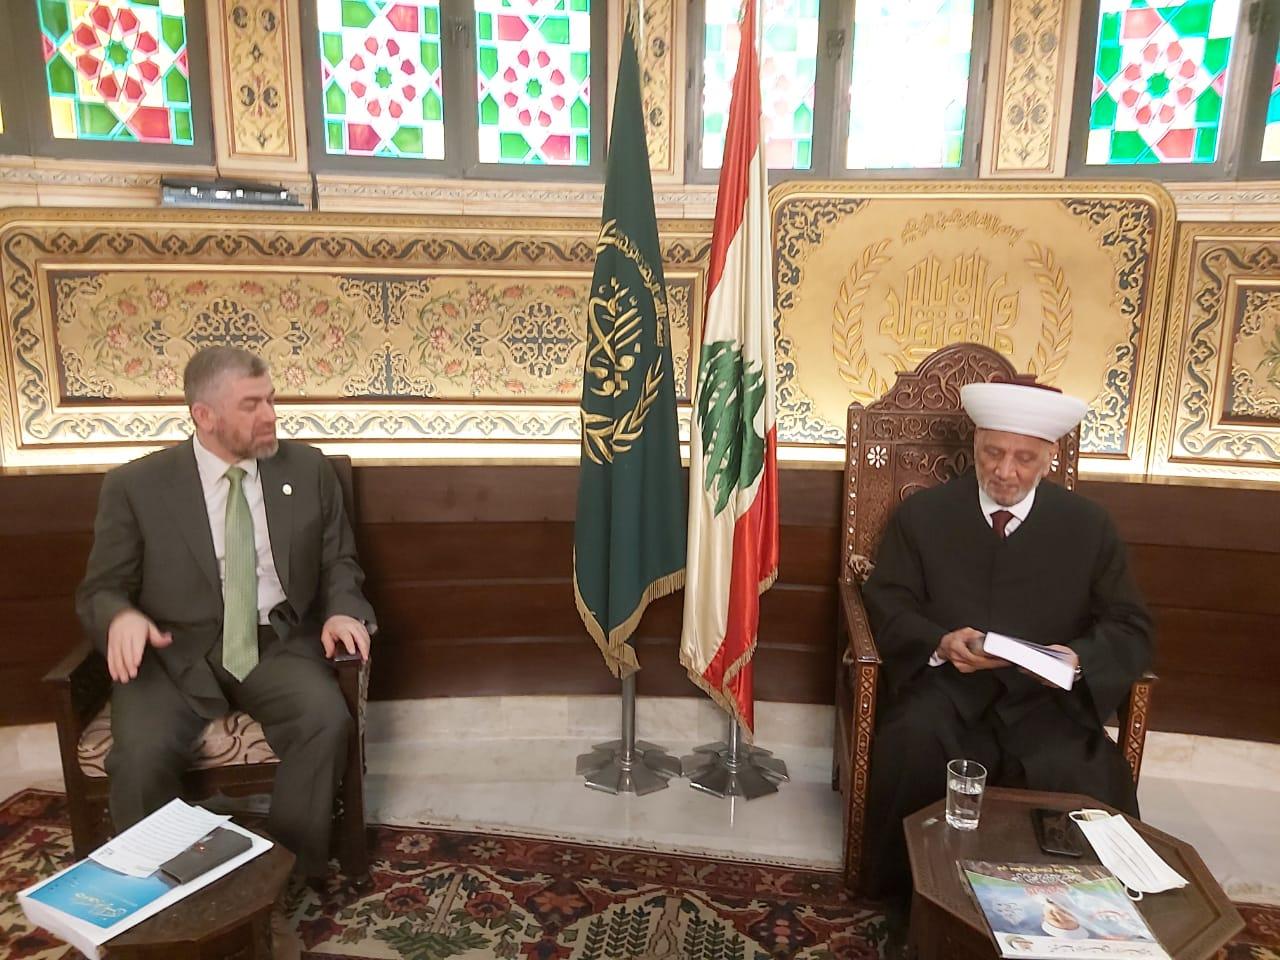 وفد جامعة طرابلس في زيارة مفتي الجمهورية اللبنانية  (5/5)